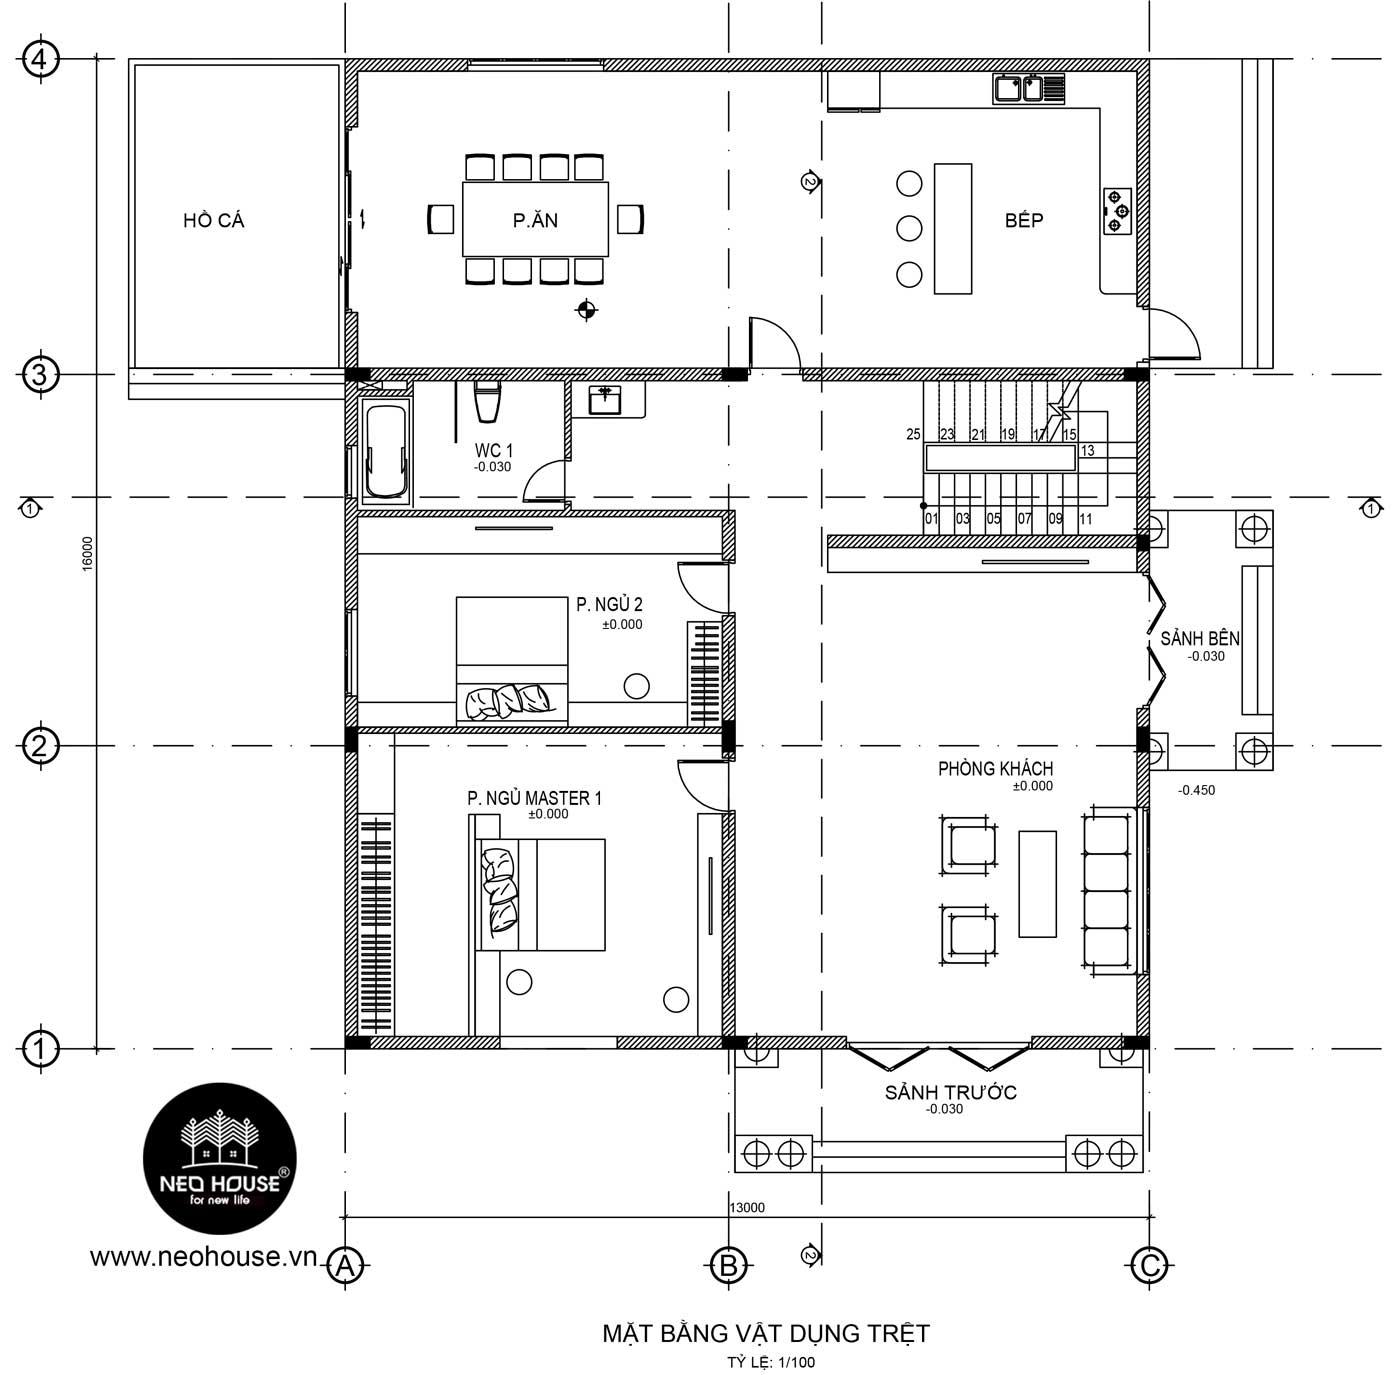 Mặt bằng biệt thự 3 tầng bán cổ điển